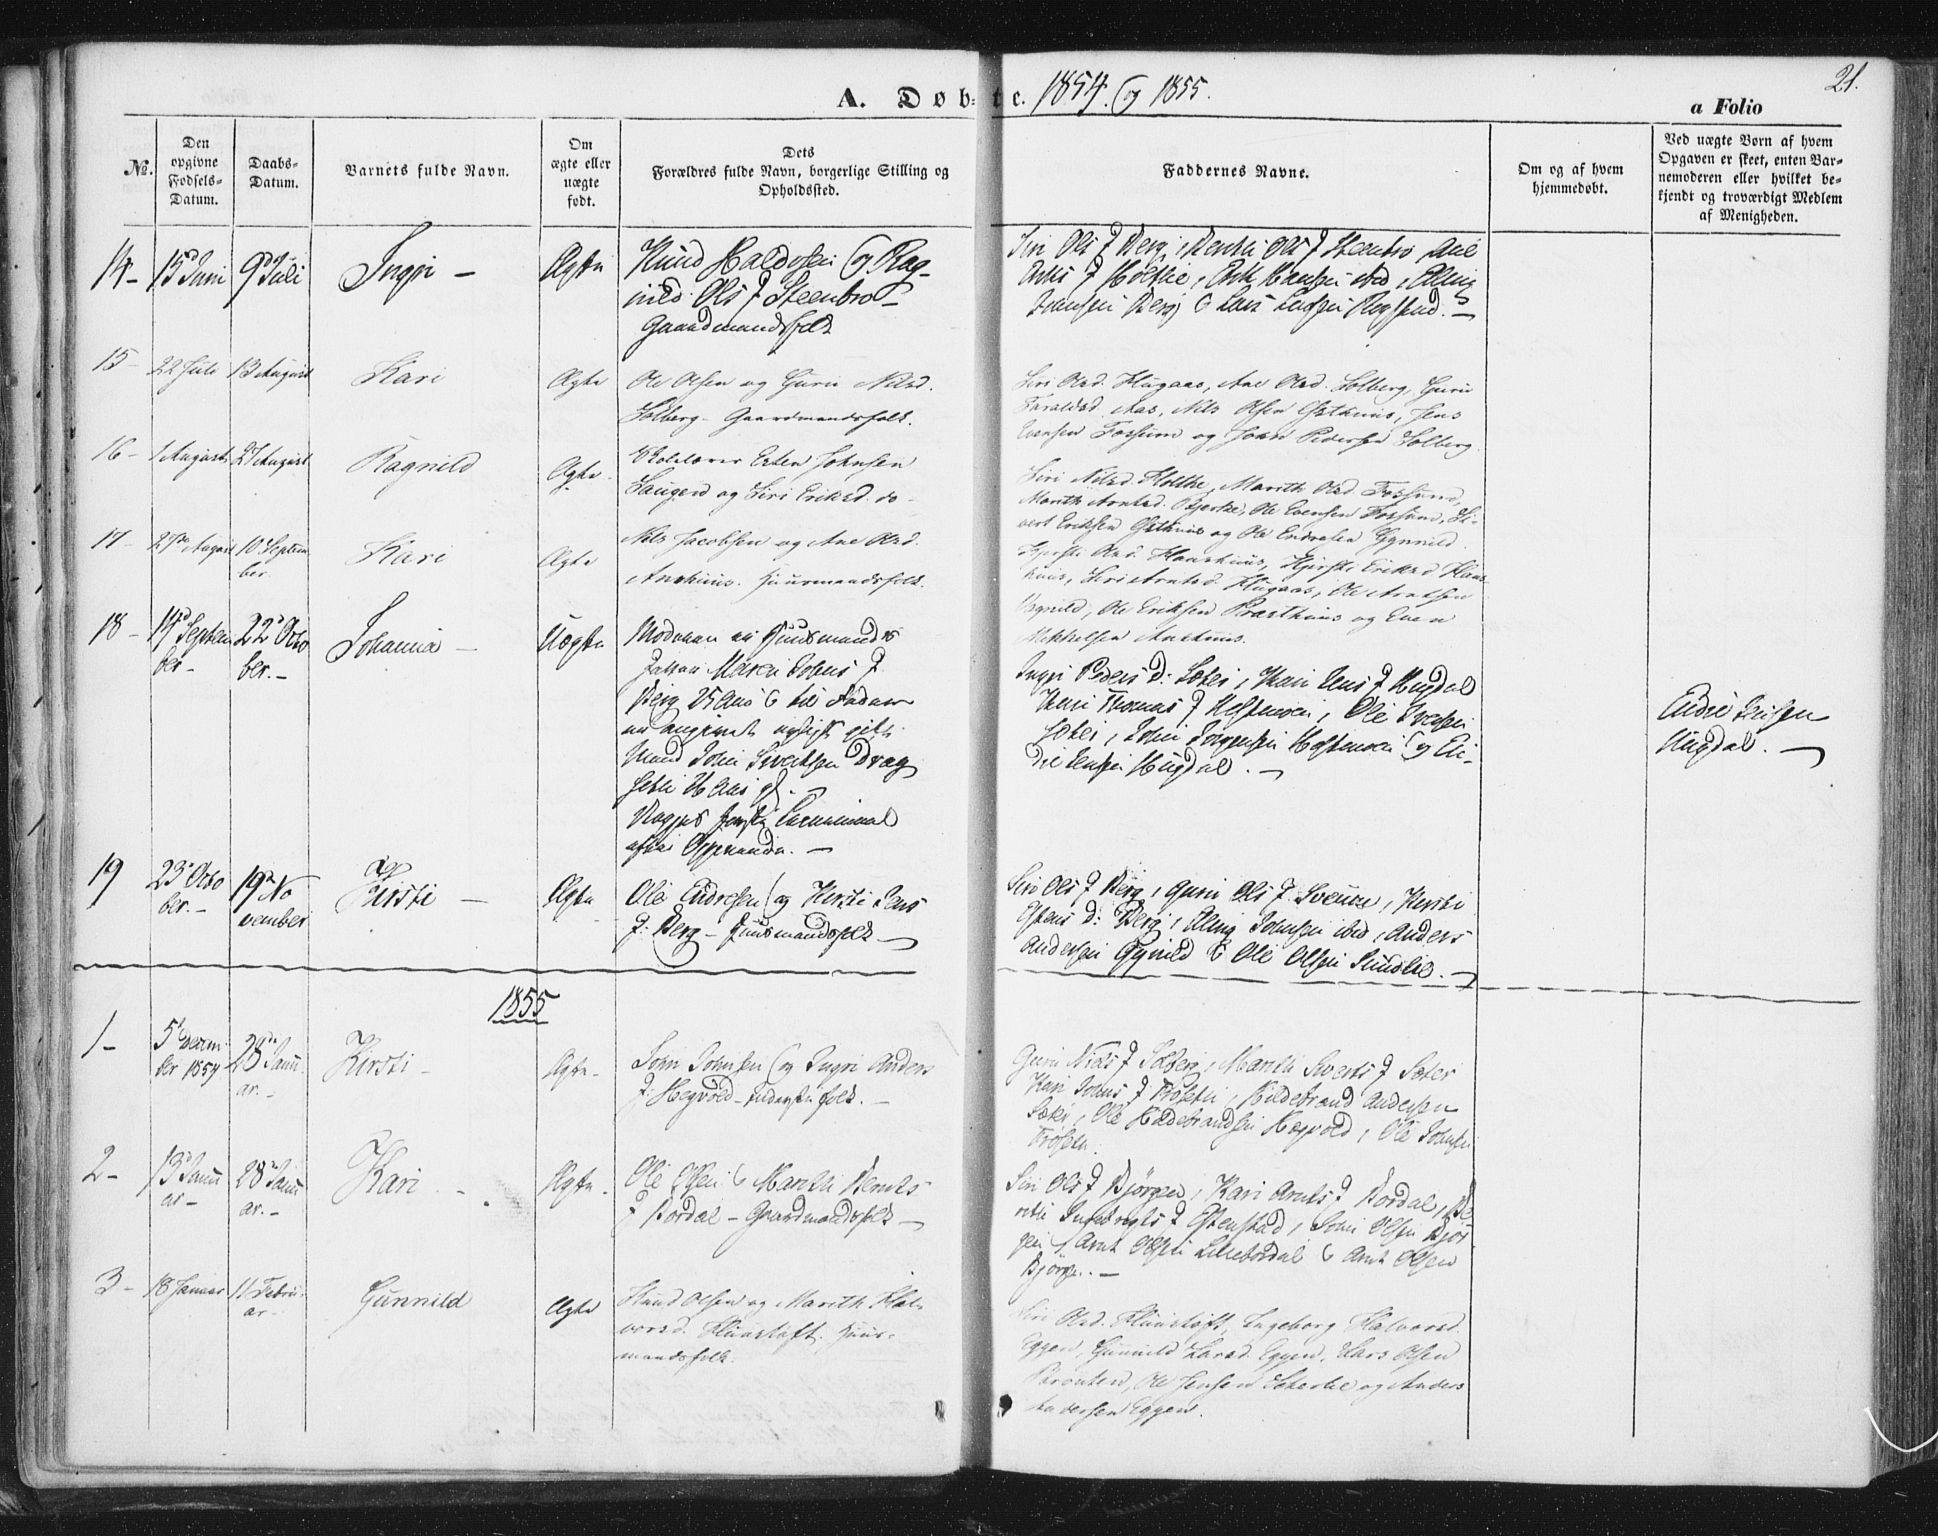 SAT, Ministerialprotokoller, klokkerbøker og fødselsregistre - Sør-Trøndelag, 689/L1038: Ministerialbok nr. 689A03, 1848-1872, s. 21